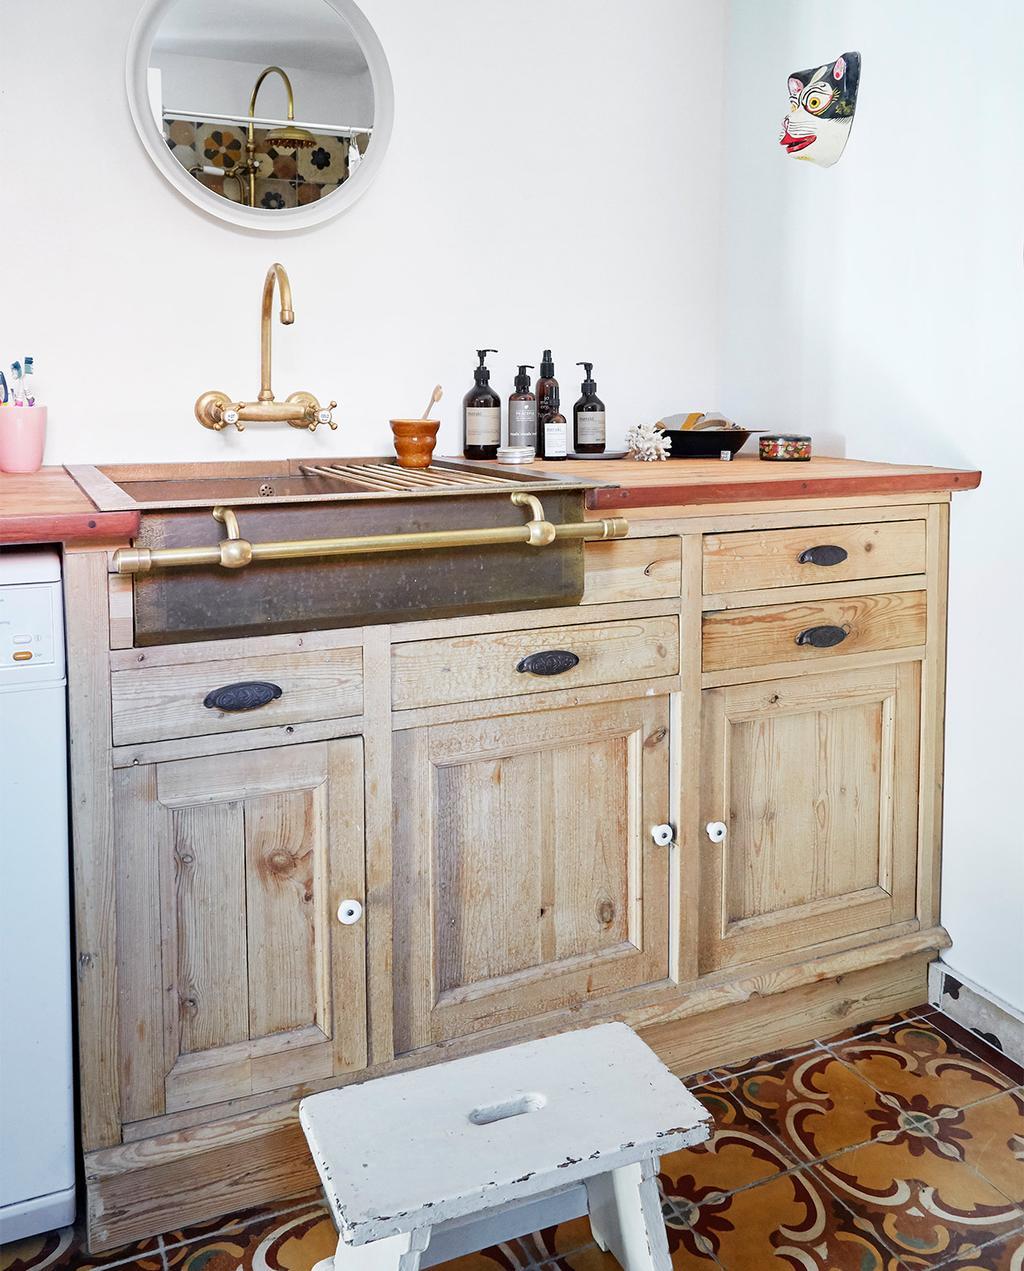 vtwonen special zomerhuizen 07-2021 | houten keuken met gouden kraan